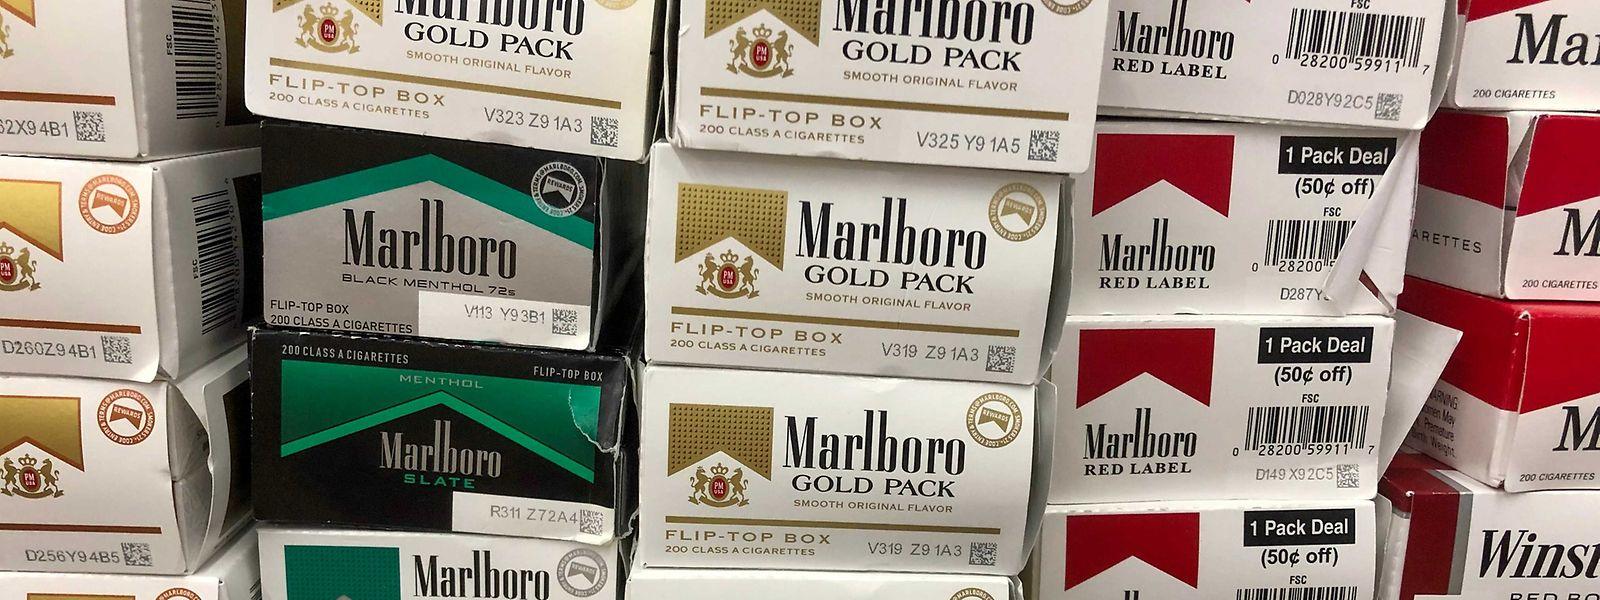 La vente de tabac a rapporté près de 775 millions d'euros de recettes en 2019.